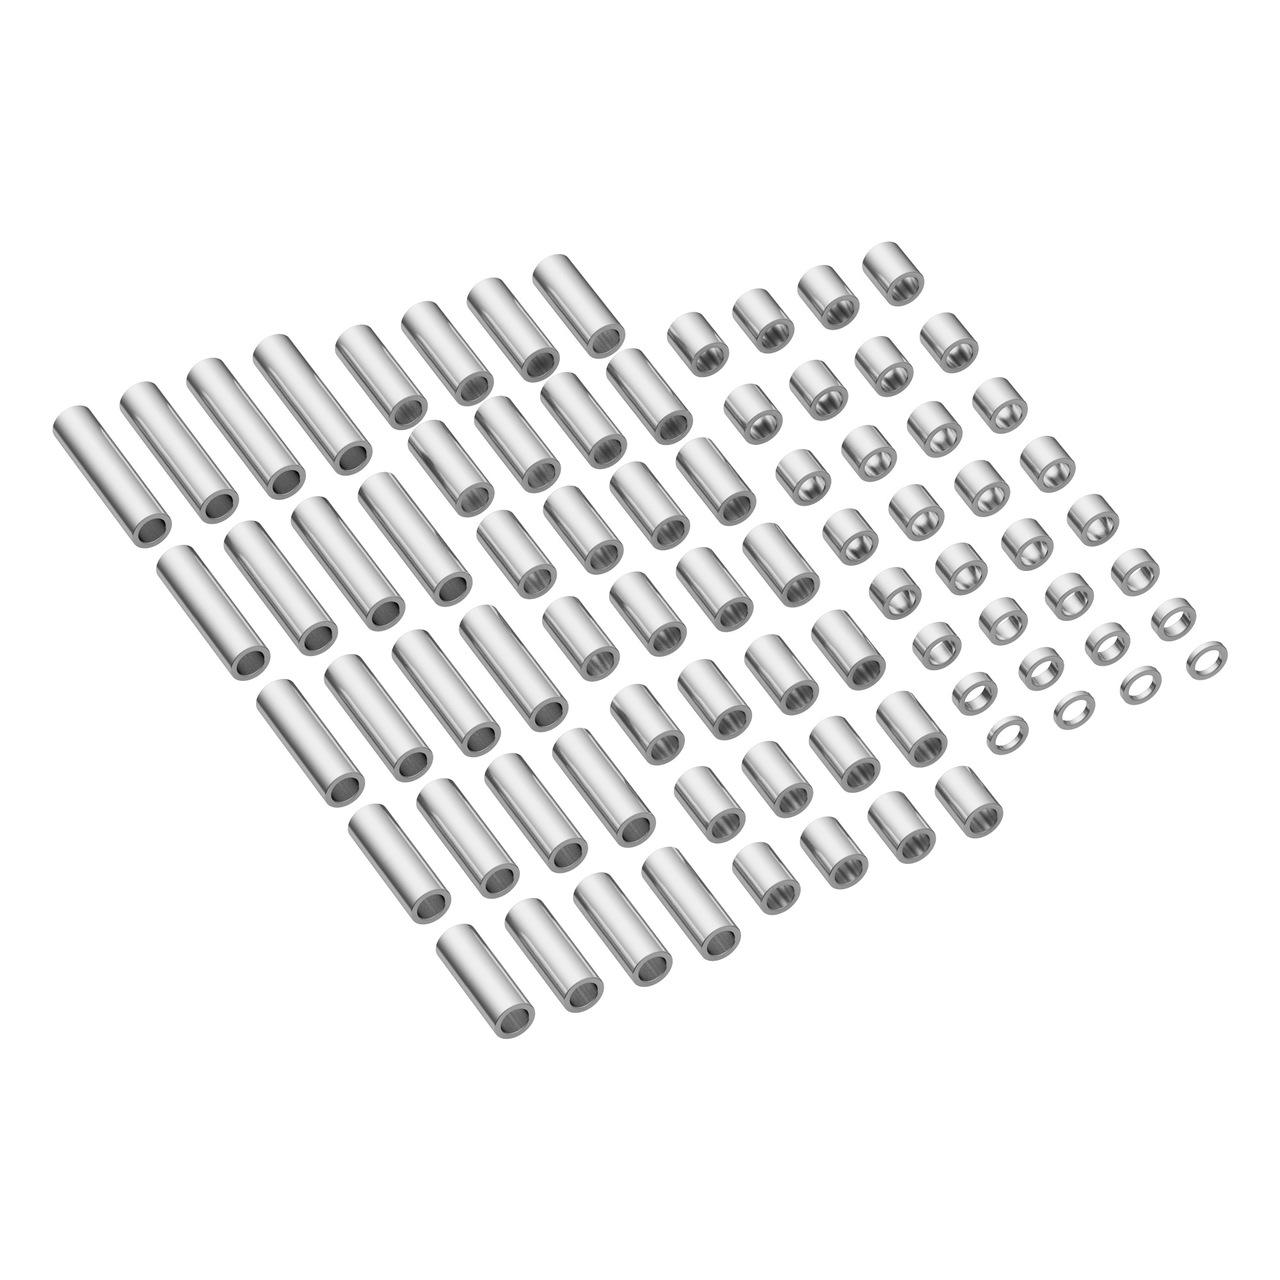 3203-1502-0001 - 1502 Series Spacers Bundle